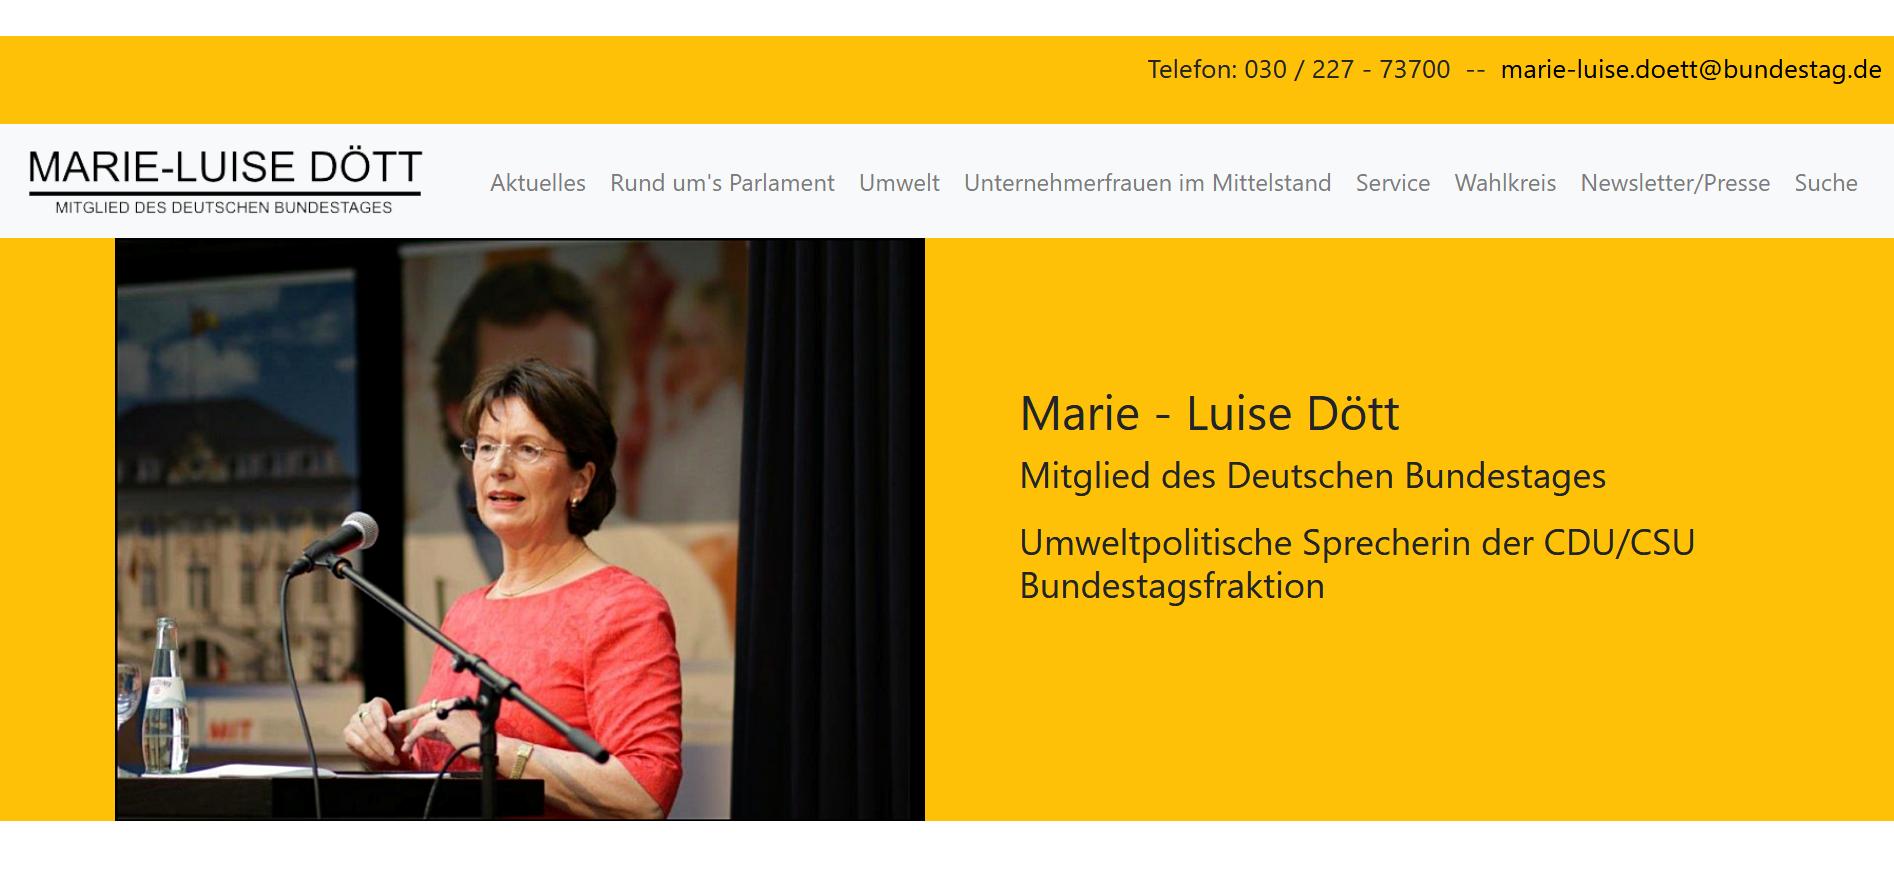 Marie-Luise Dött